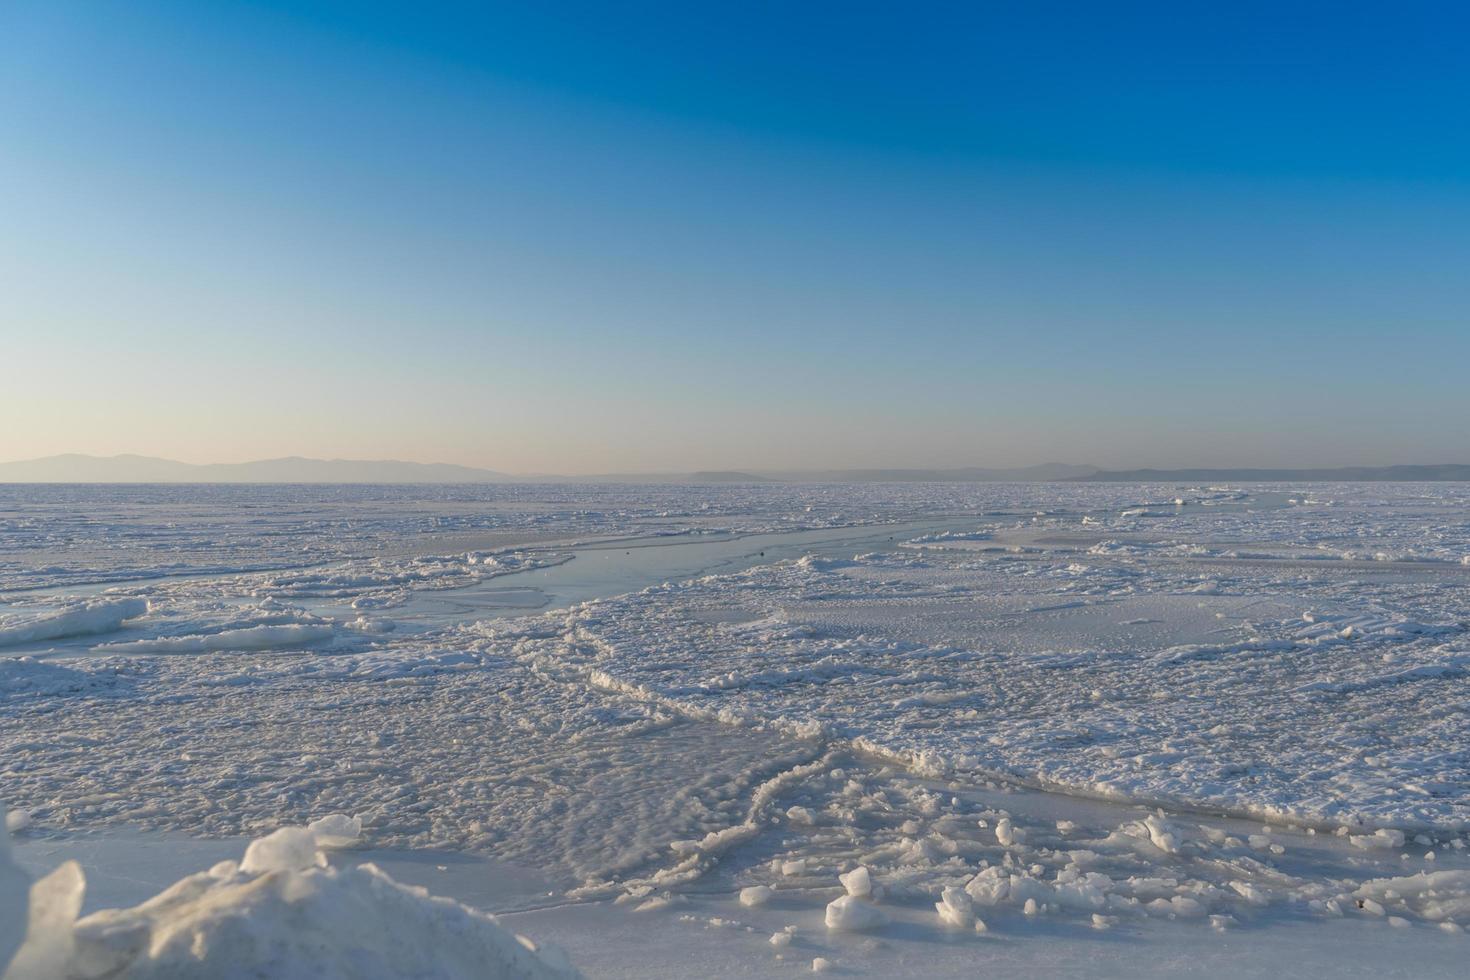 panorama della baia di amur congelata con neve e banchi di ghiaccio a vladivostok, russia foto